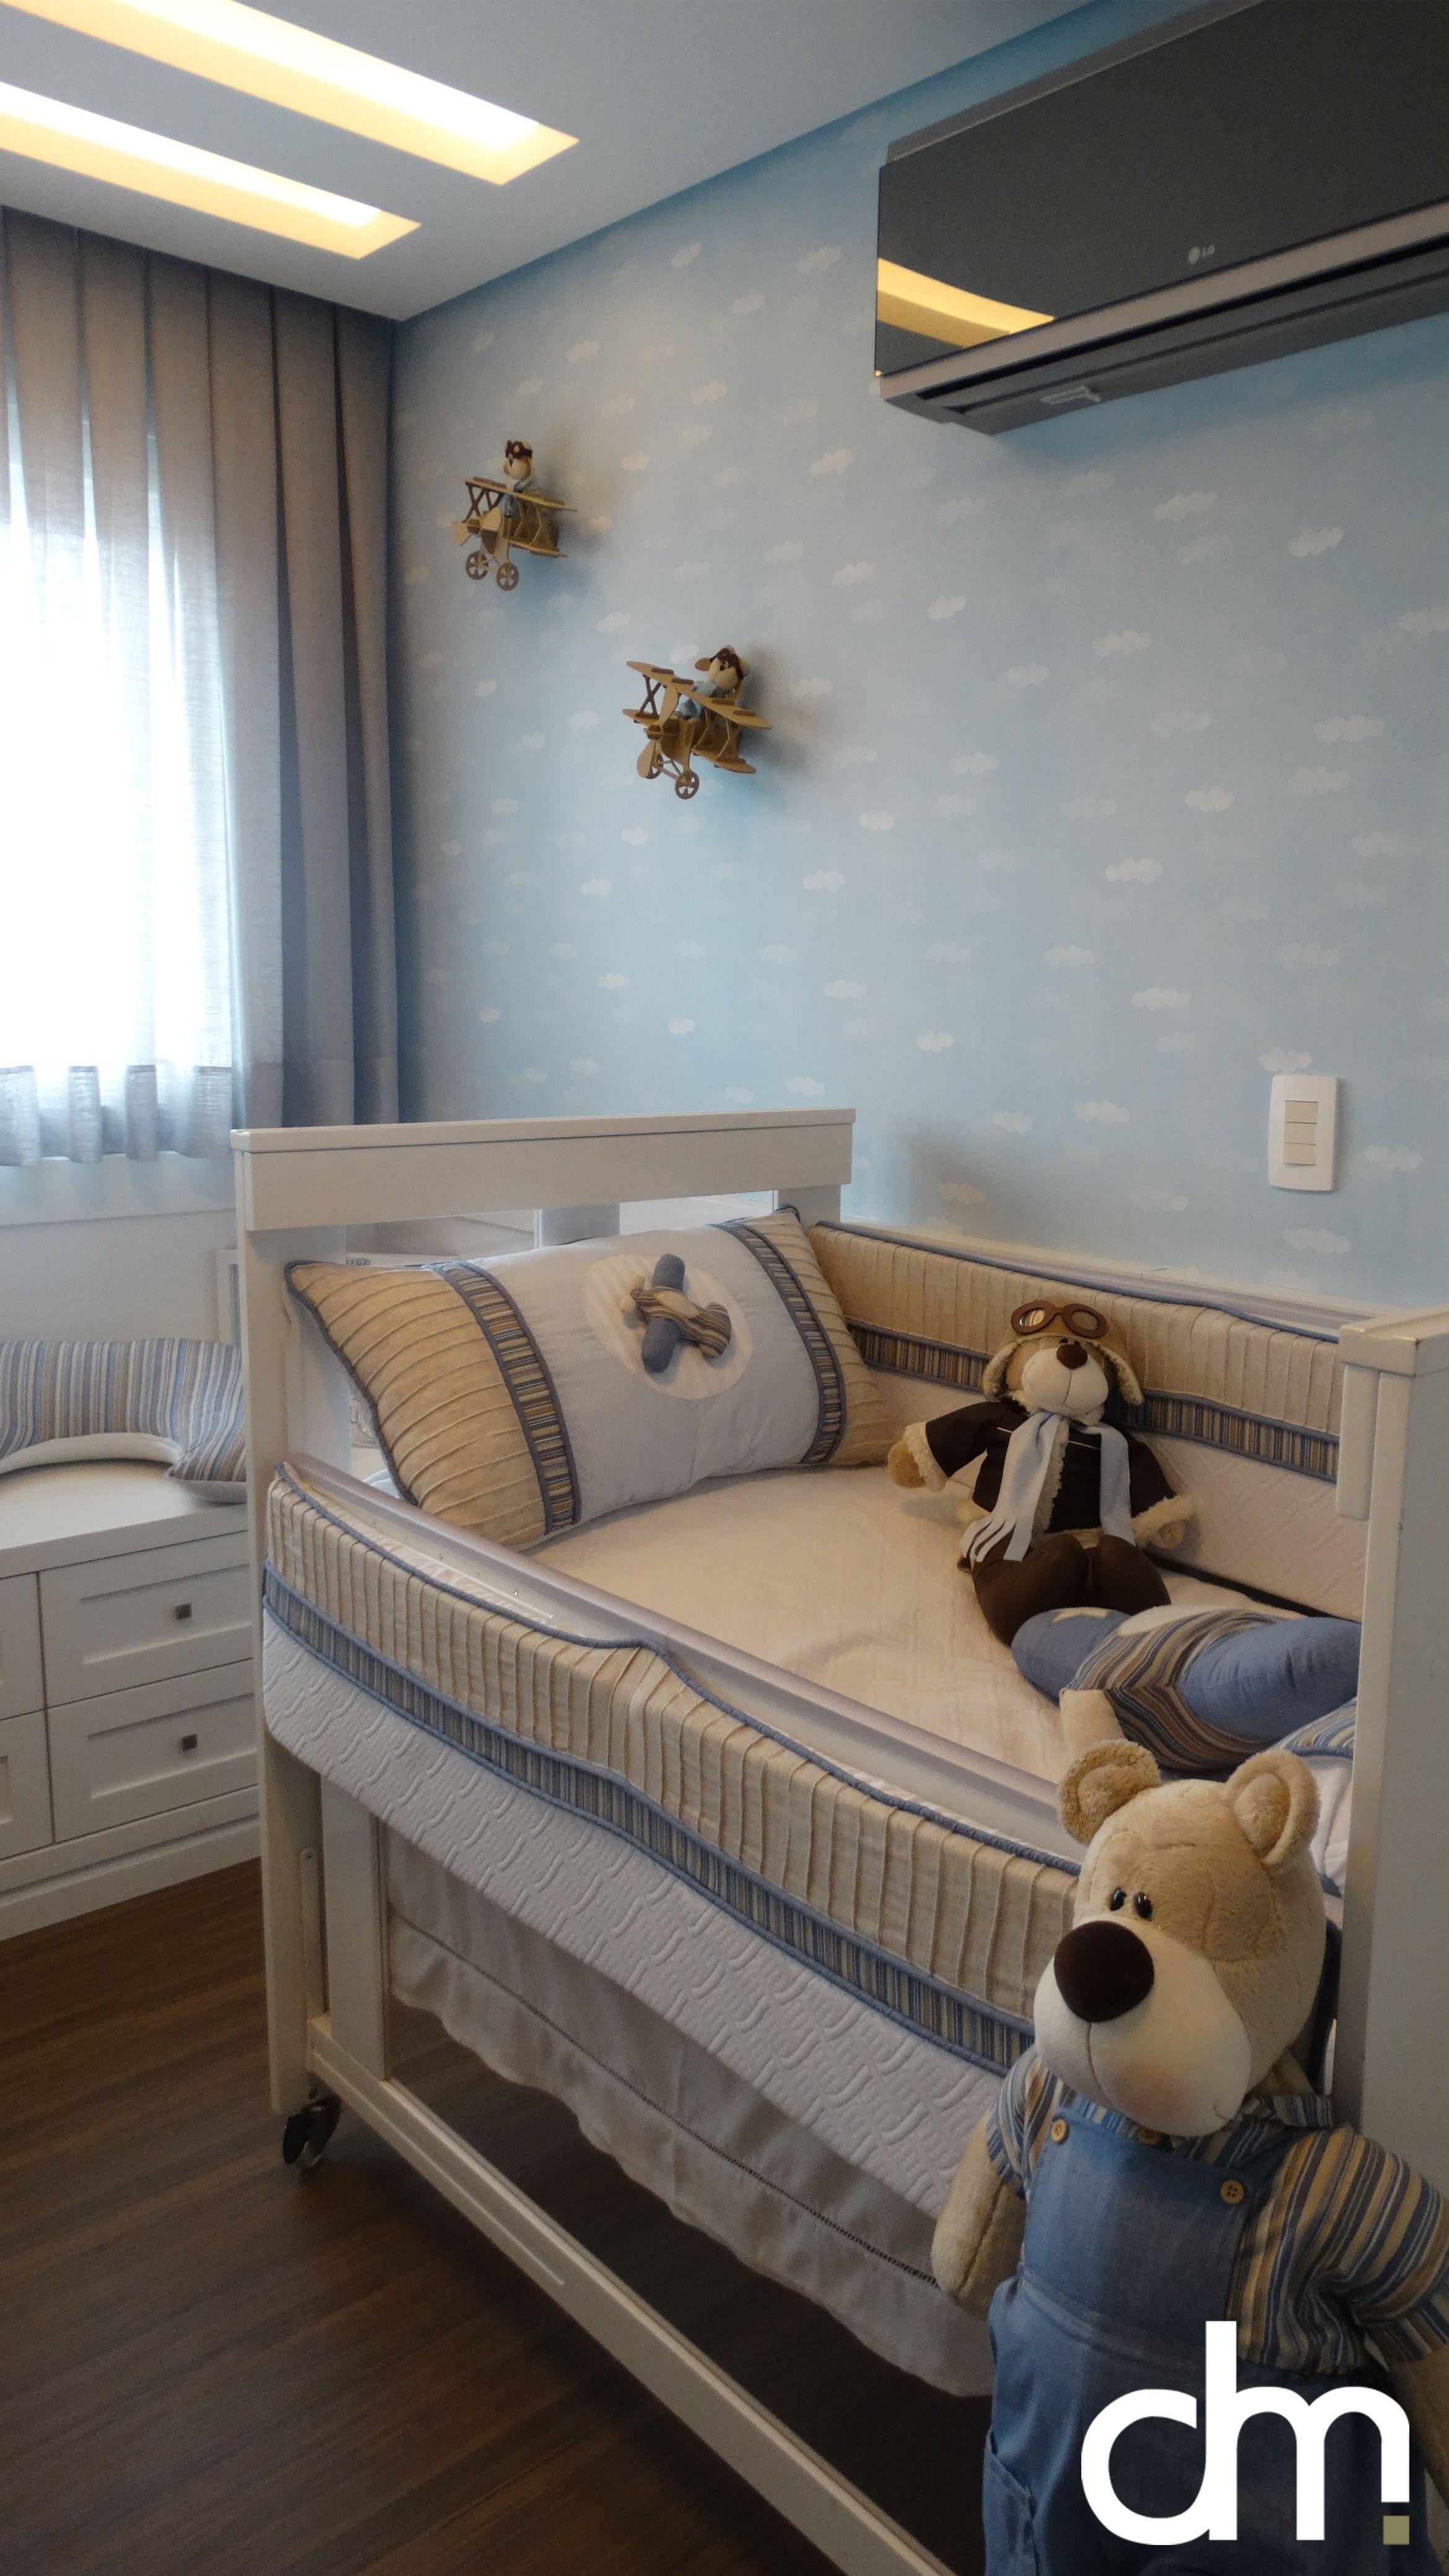 fc958dbb6 Decoração de quarto de bebê em tons de azul e bege, com tema de aviador